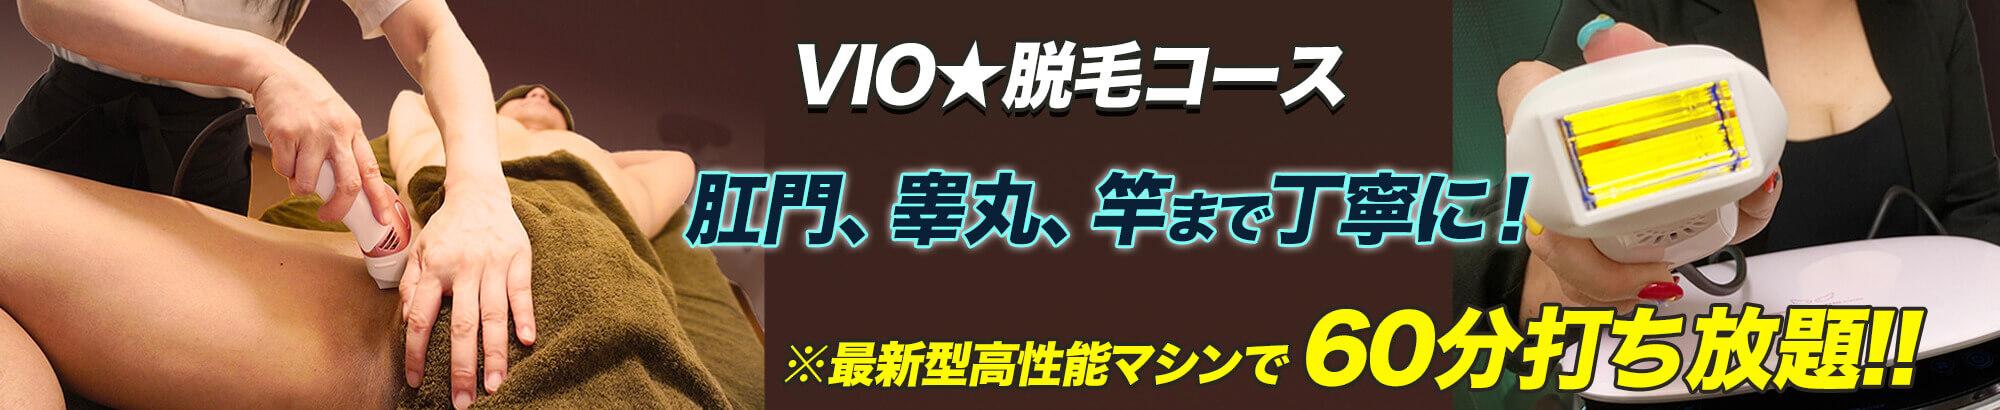 風俗マッサージのコロナ対策!N95マスク|神奈川出張マッサージ委員会